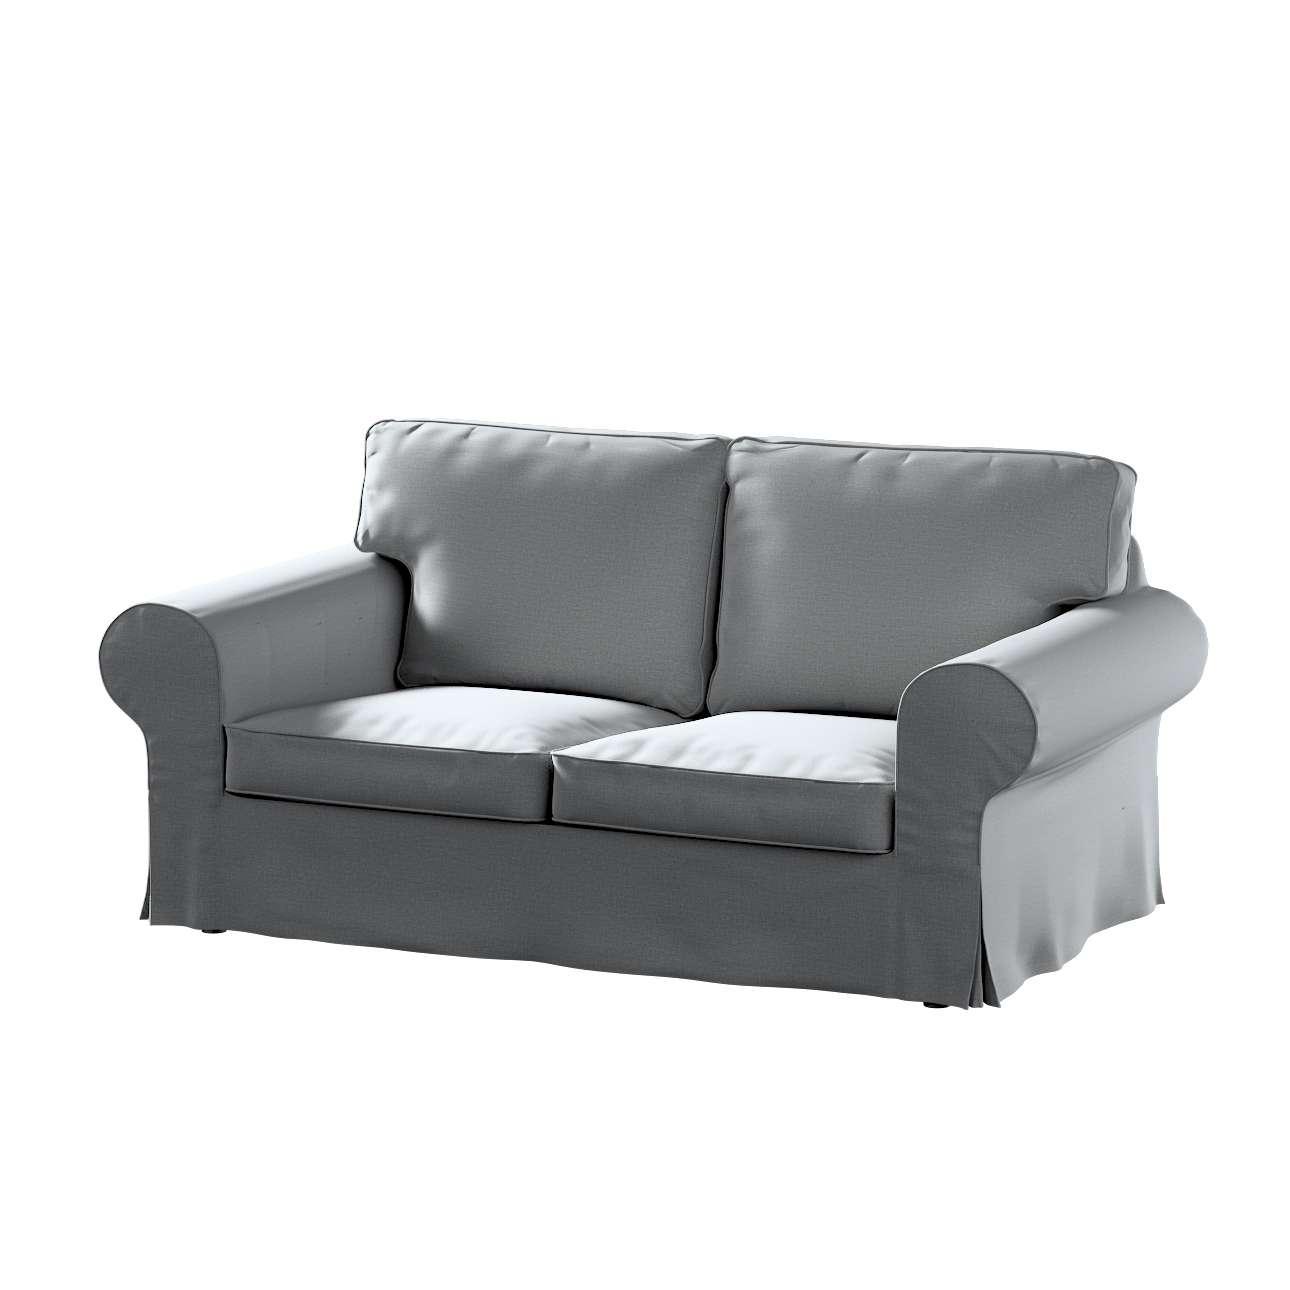 Bezug für Ektorp 2-Sitzer Schlafsofa NEUES Modell von der Kollektion Ingrid, Stoff: 705-42